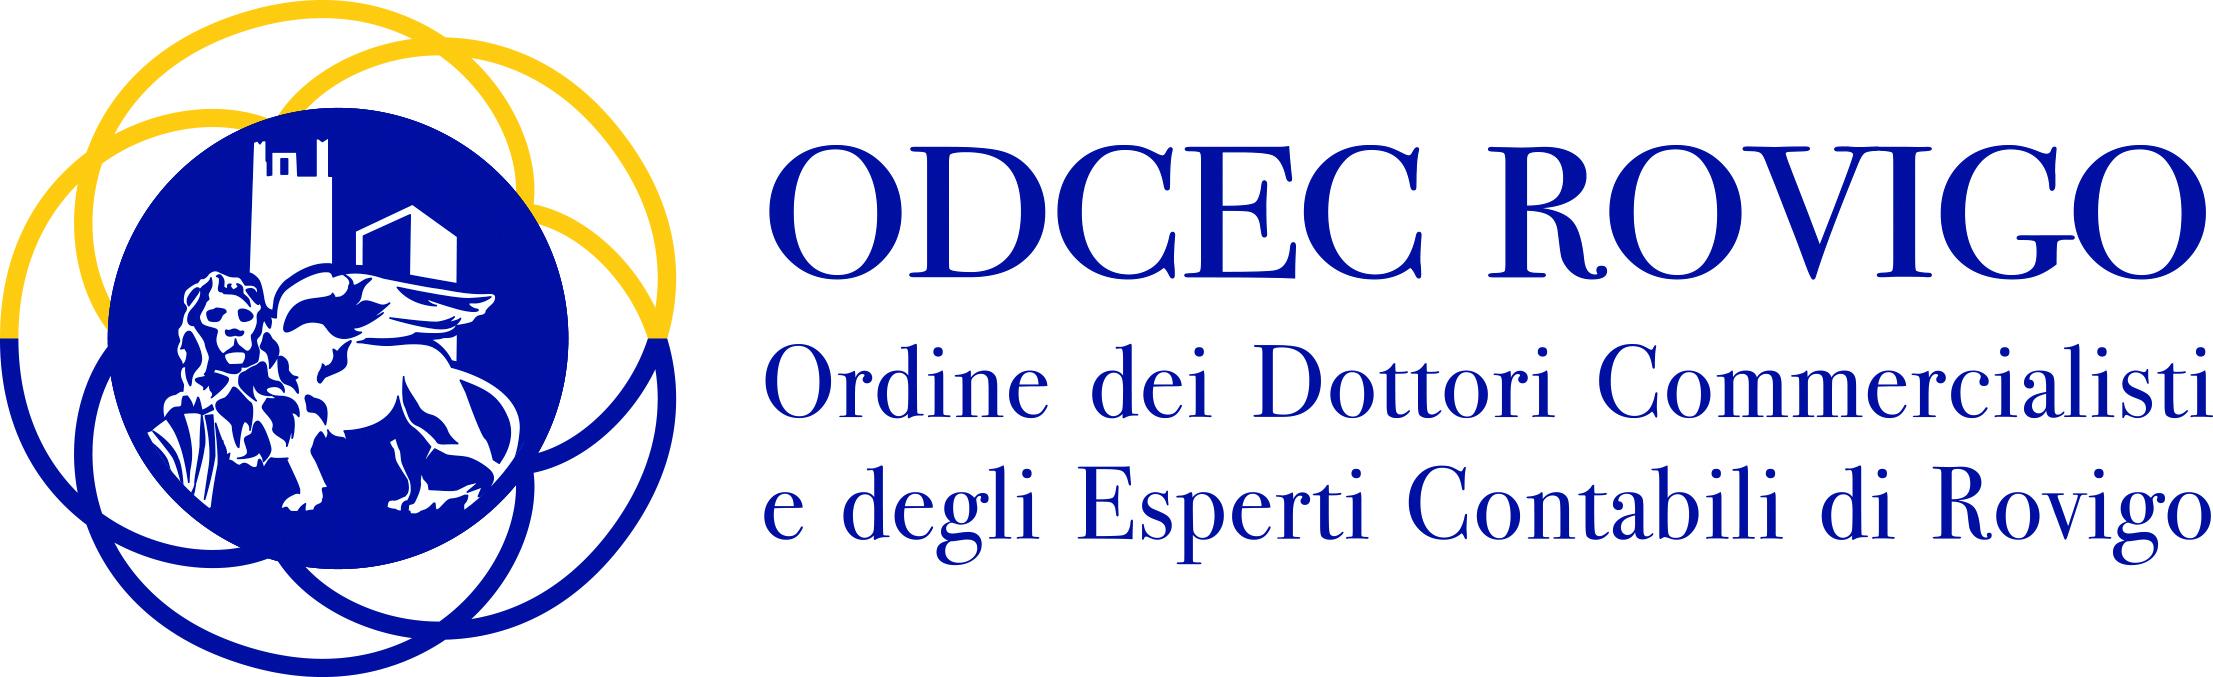 logo_odcec_rovigo_quadricromia